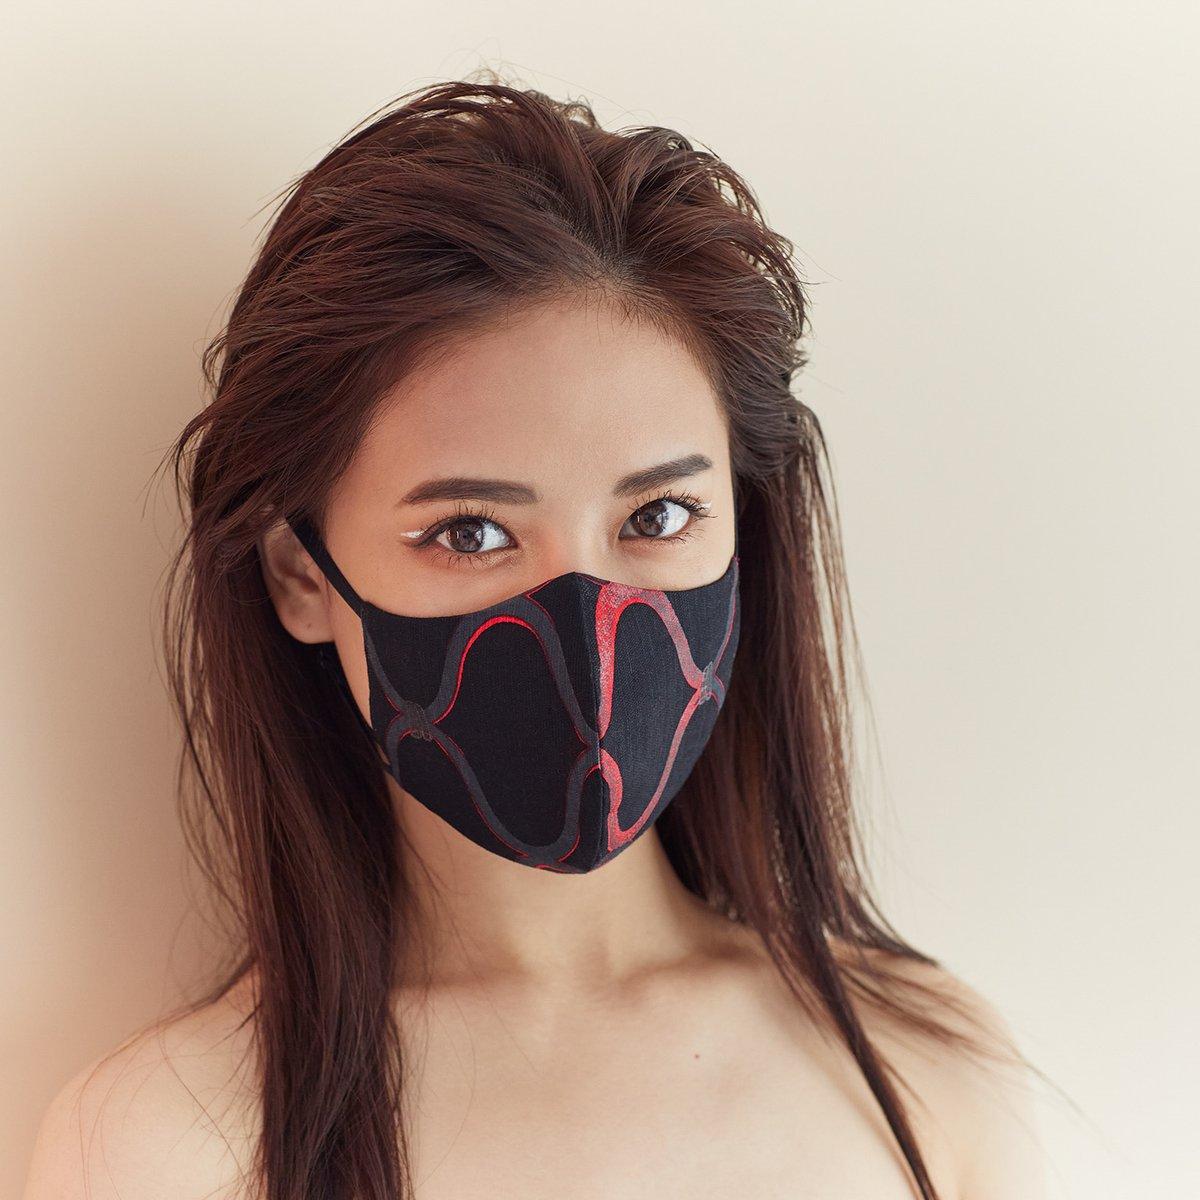 test ツイッターメディア - 着物屋「かぷき」が浴衣素材を使った清涼感のある夏マスクを発売。今後は、安室奈美恵さんが引退前のラストイベントで着用した浴衣の柄も生産する予定です。 https://t.co/RBe1NwBiIt https://t.co/Gc0UebwcG9